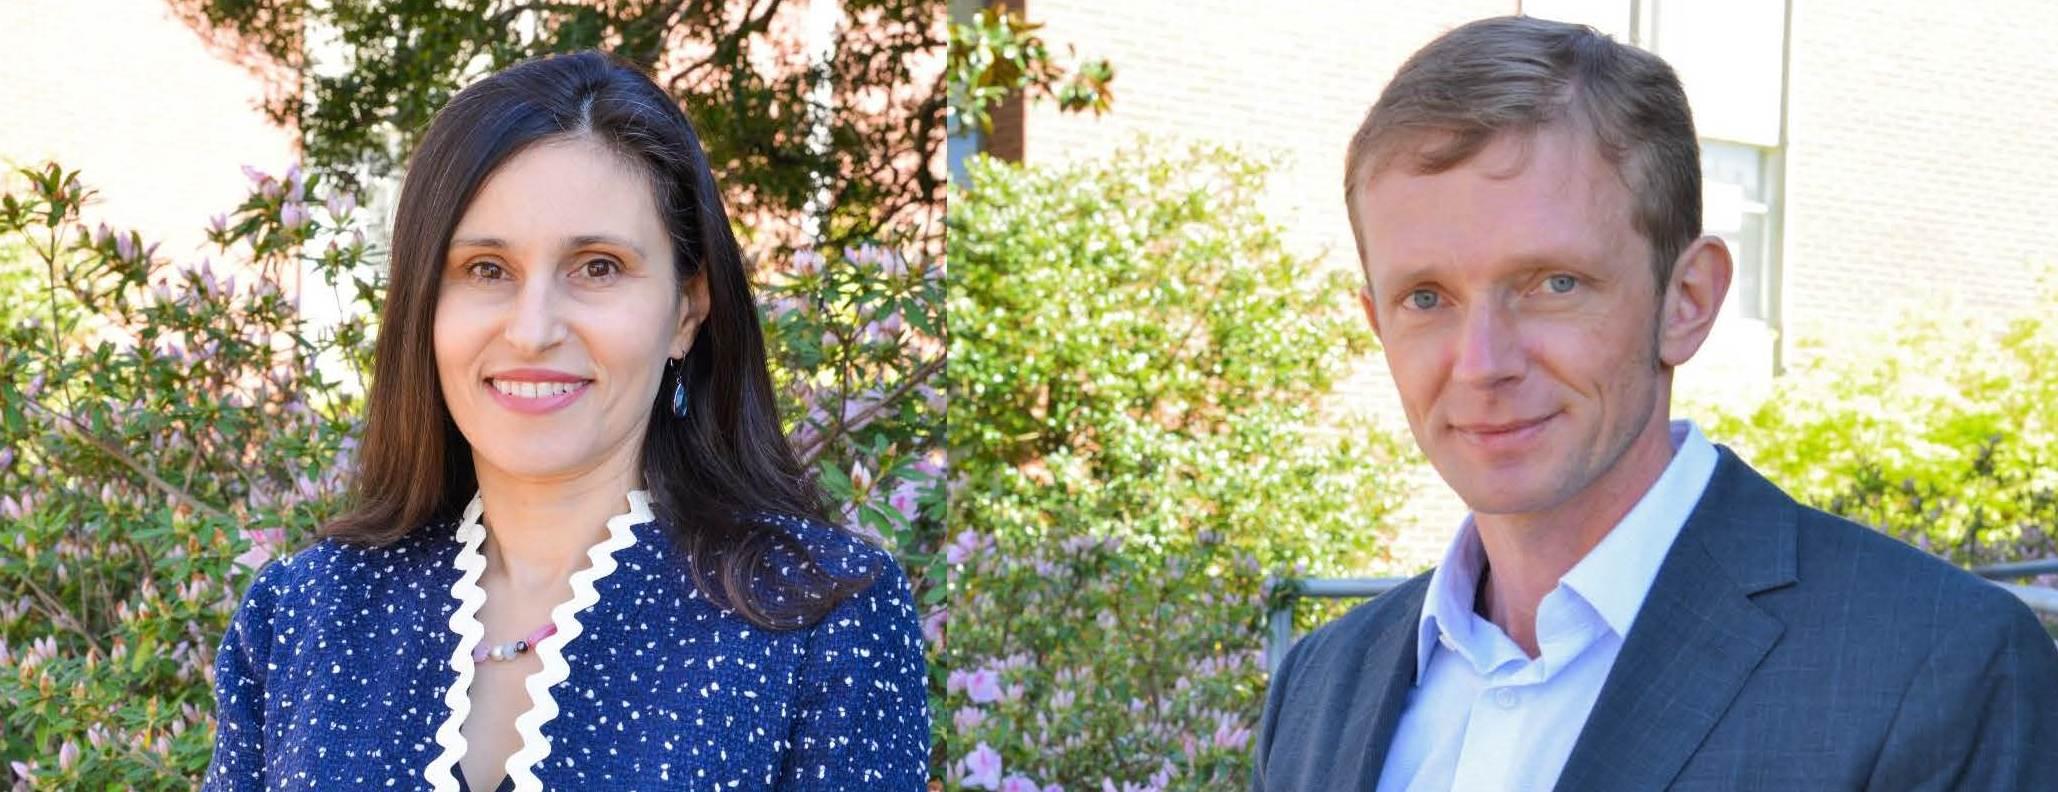 from left: Valentina Hartarska and Denis Nadolnyak, outdoors